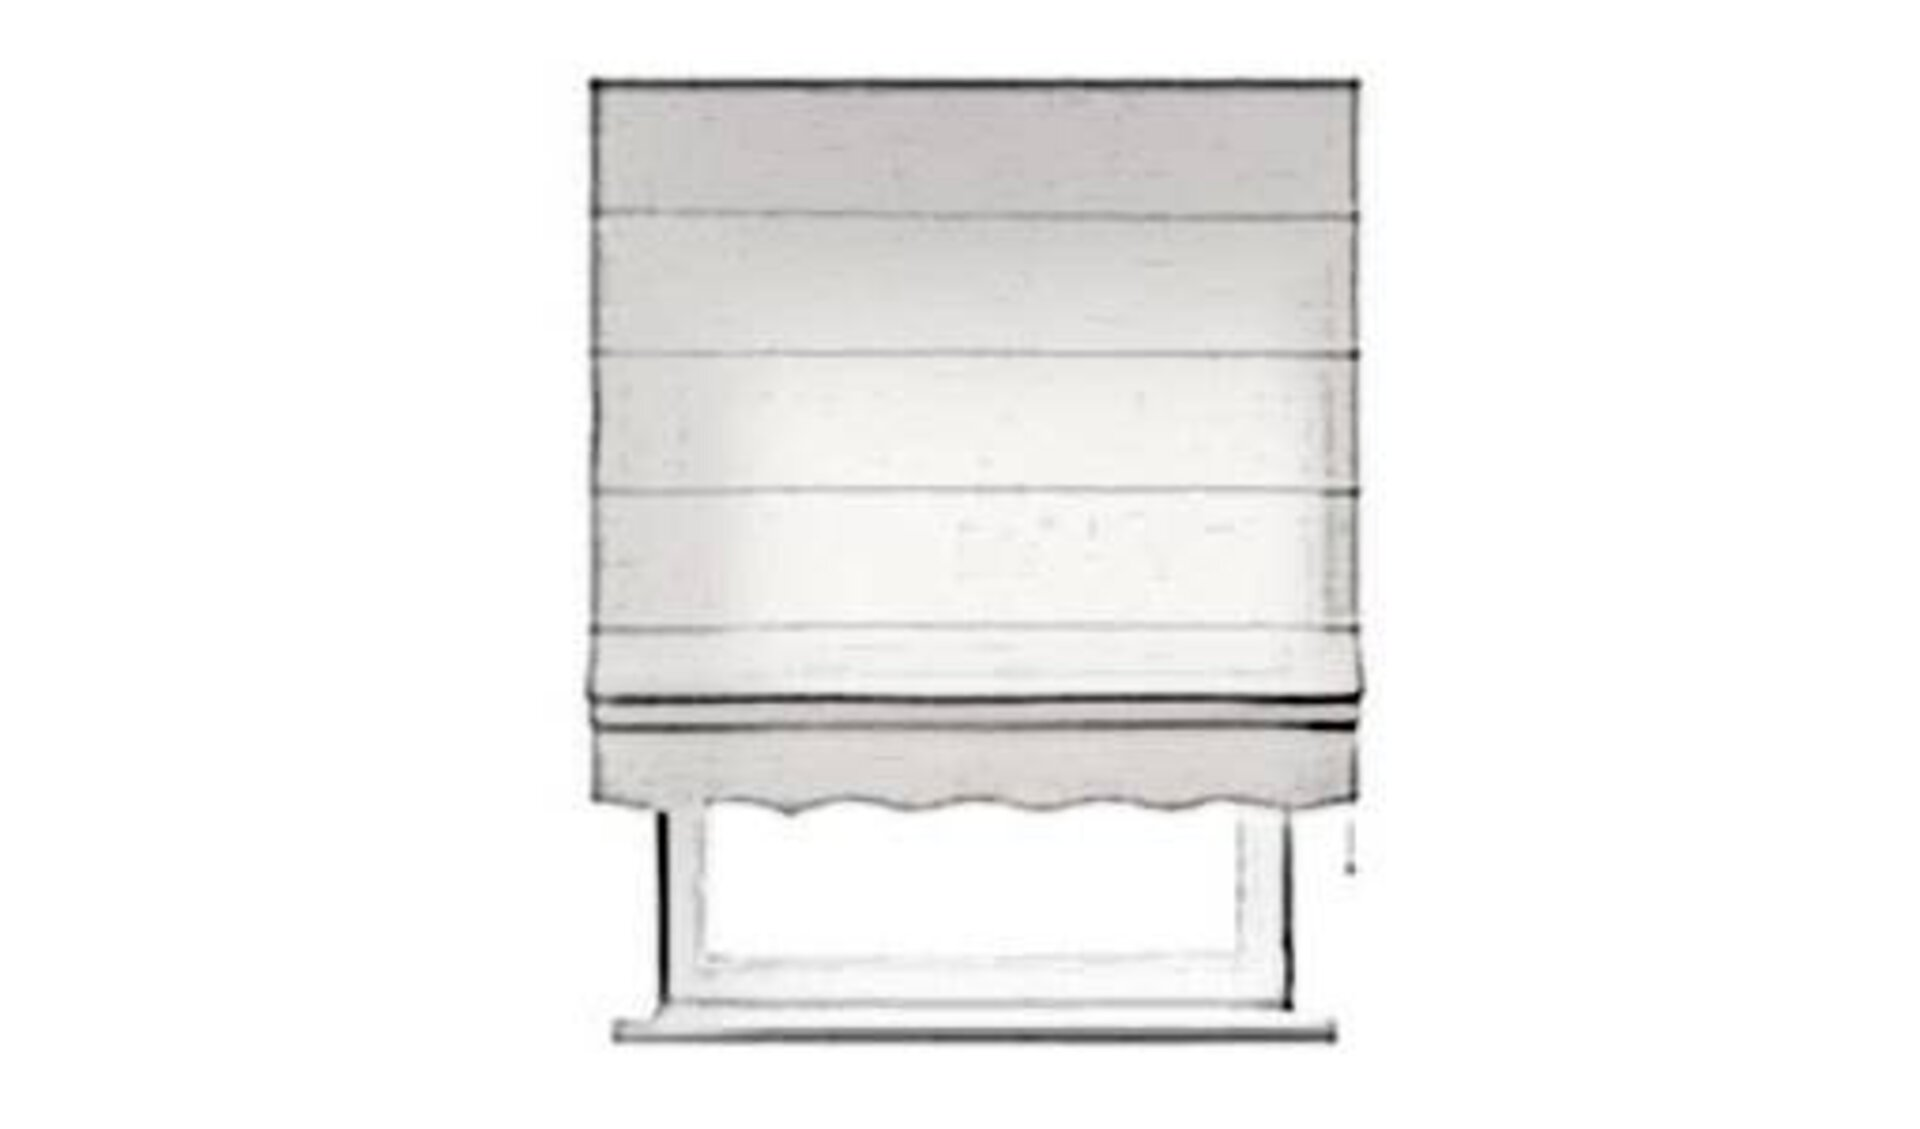 Raffrollo wird als weißer Stoffvorhang dargestellt, der wie ein Rollo nach oben und untern gezogen werden kann.